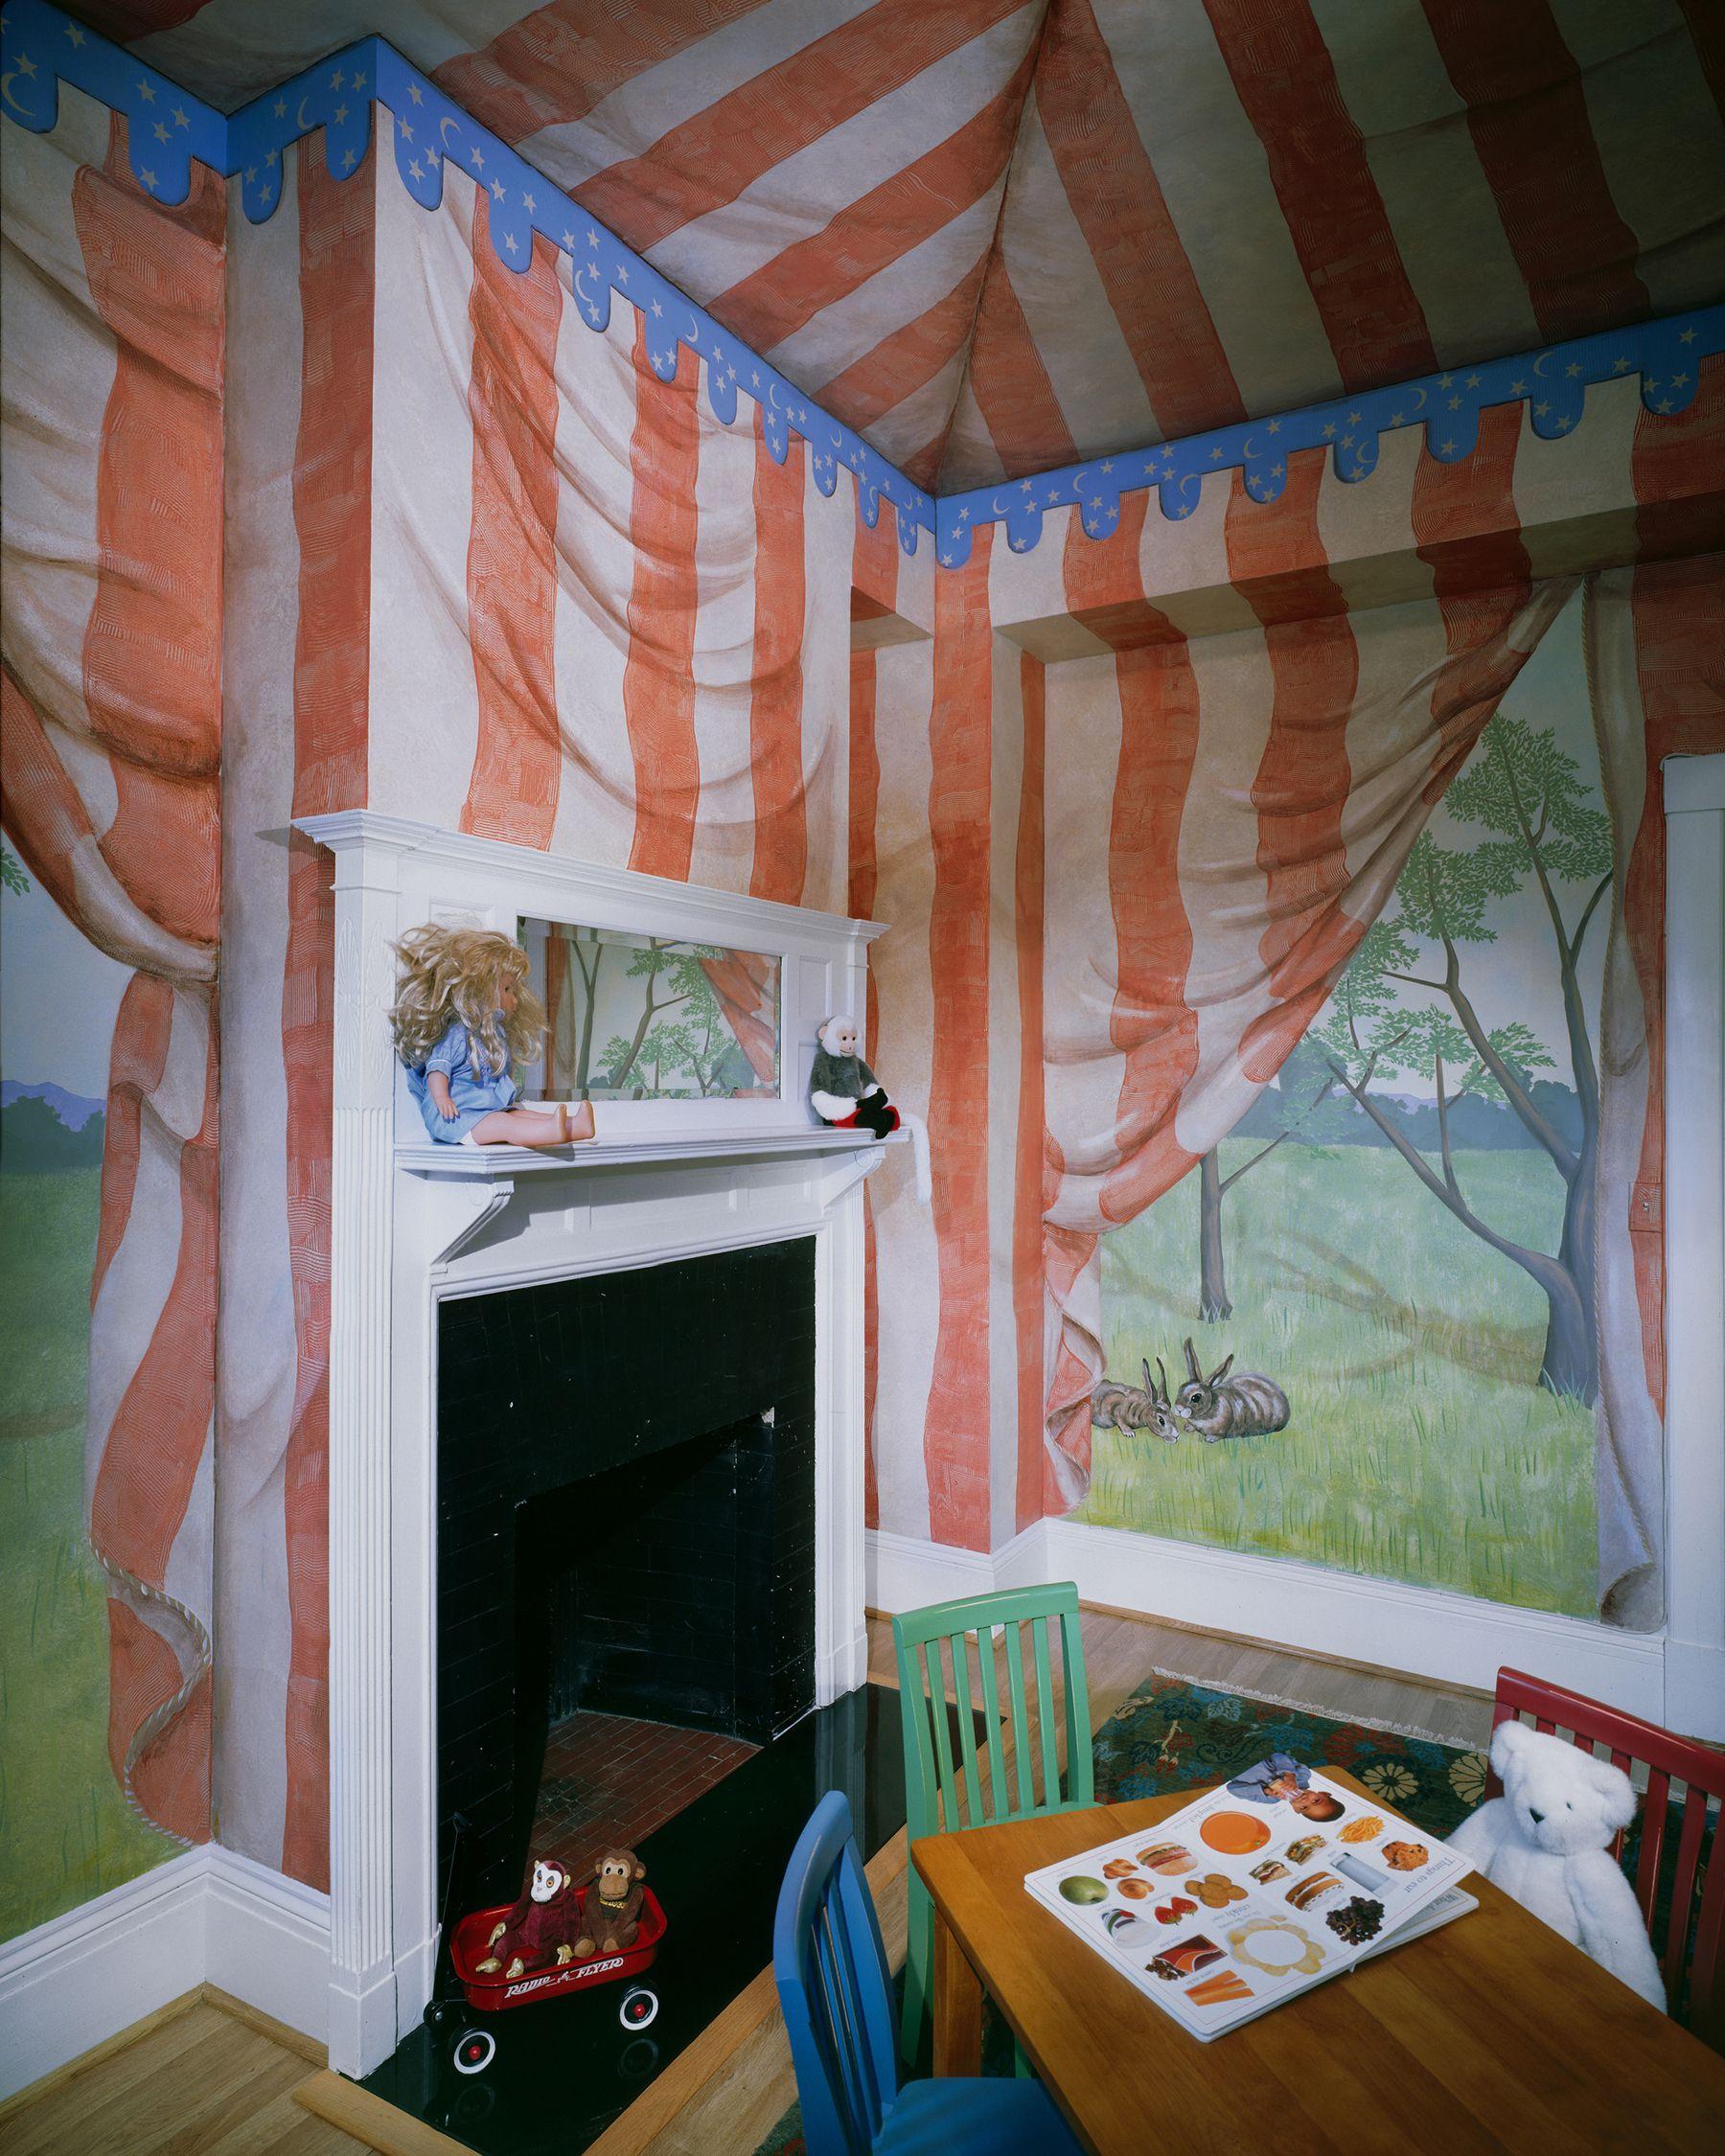 Bedroom Art Mural: Tent Trompe L'oeil Room Painting. Children's Bedroom Idea